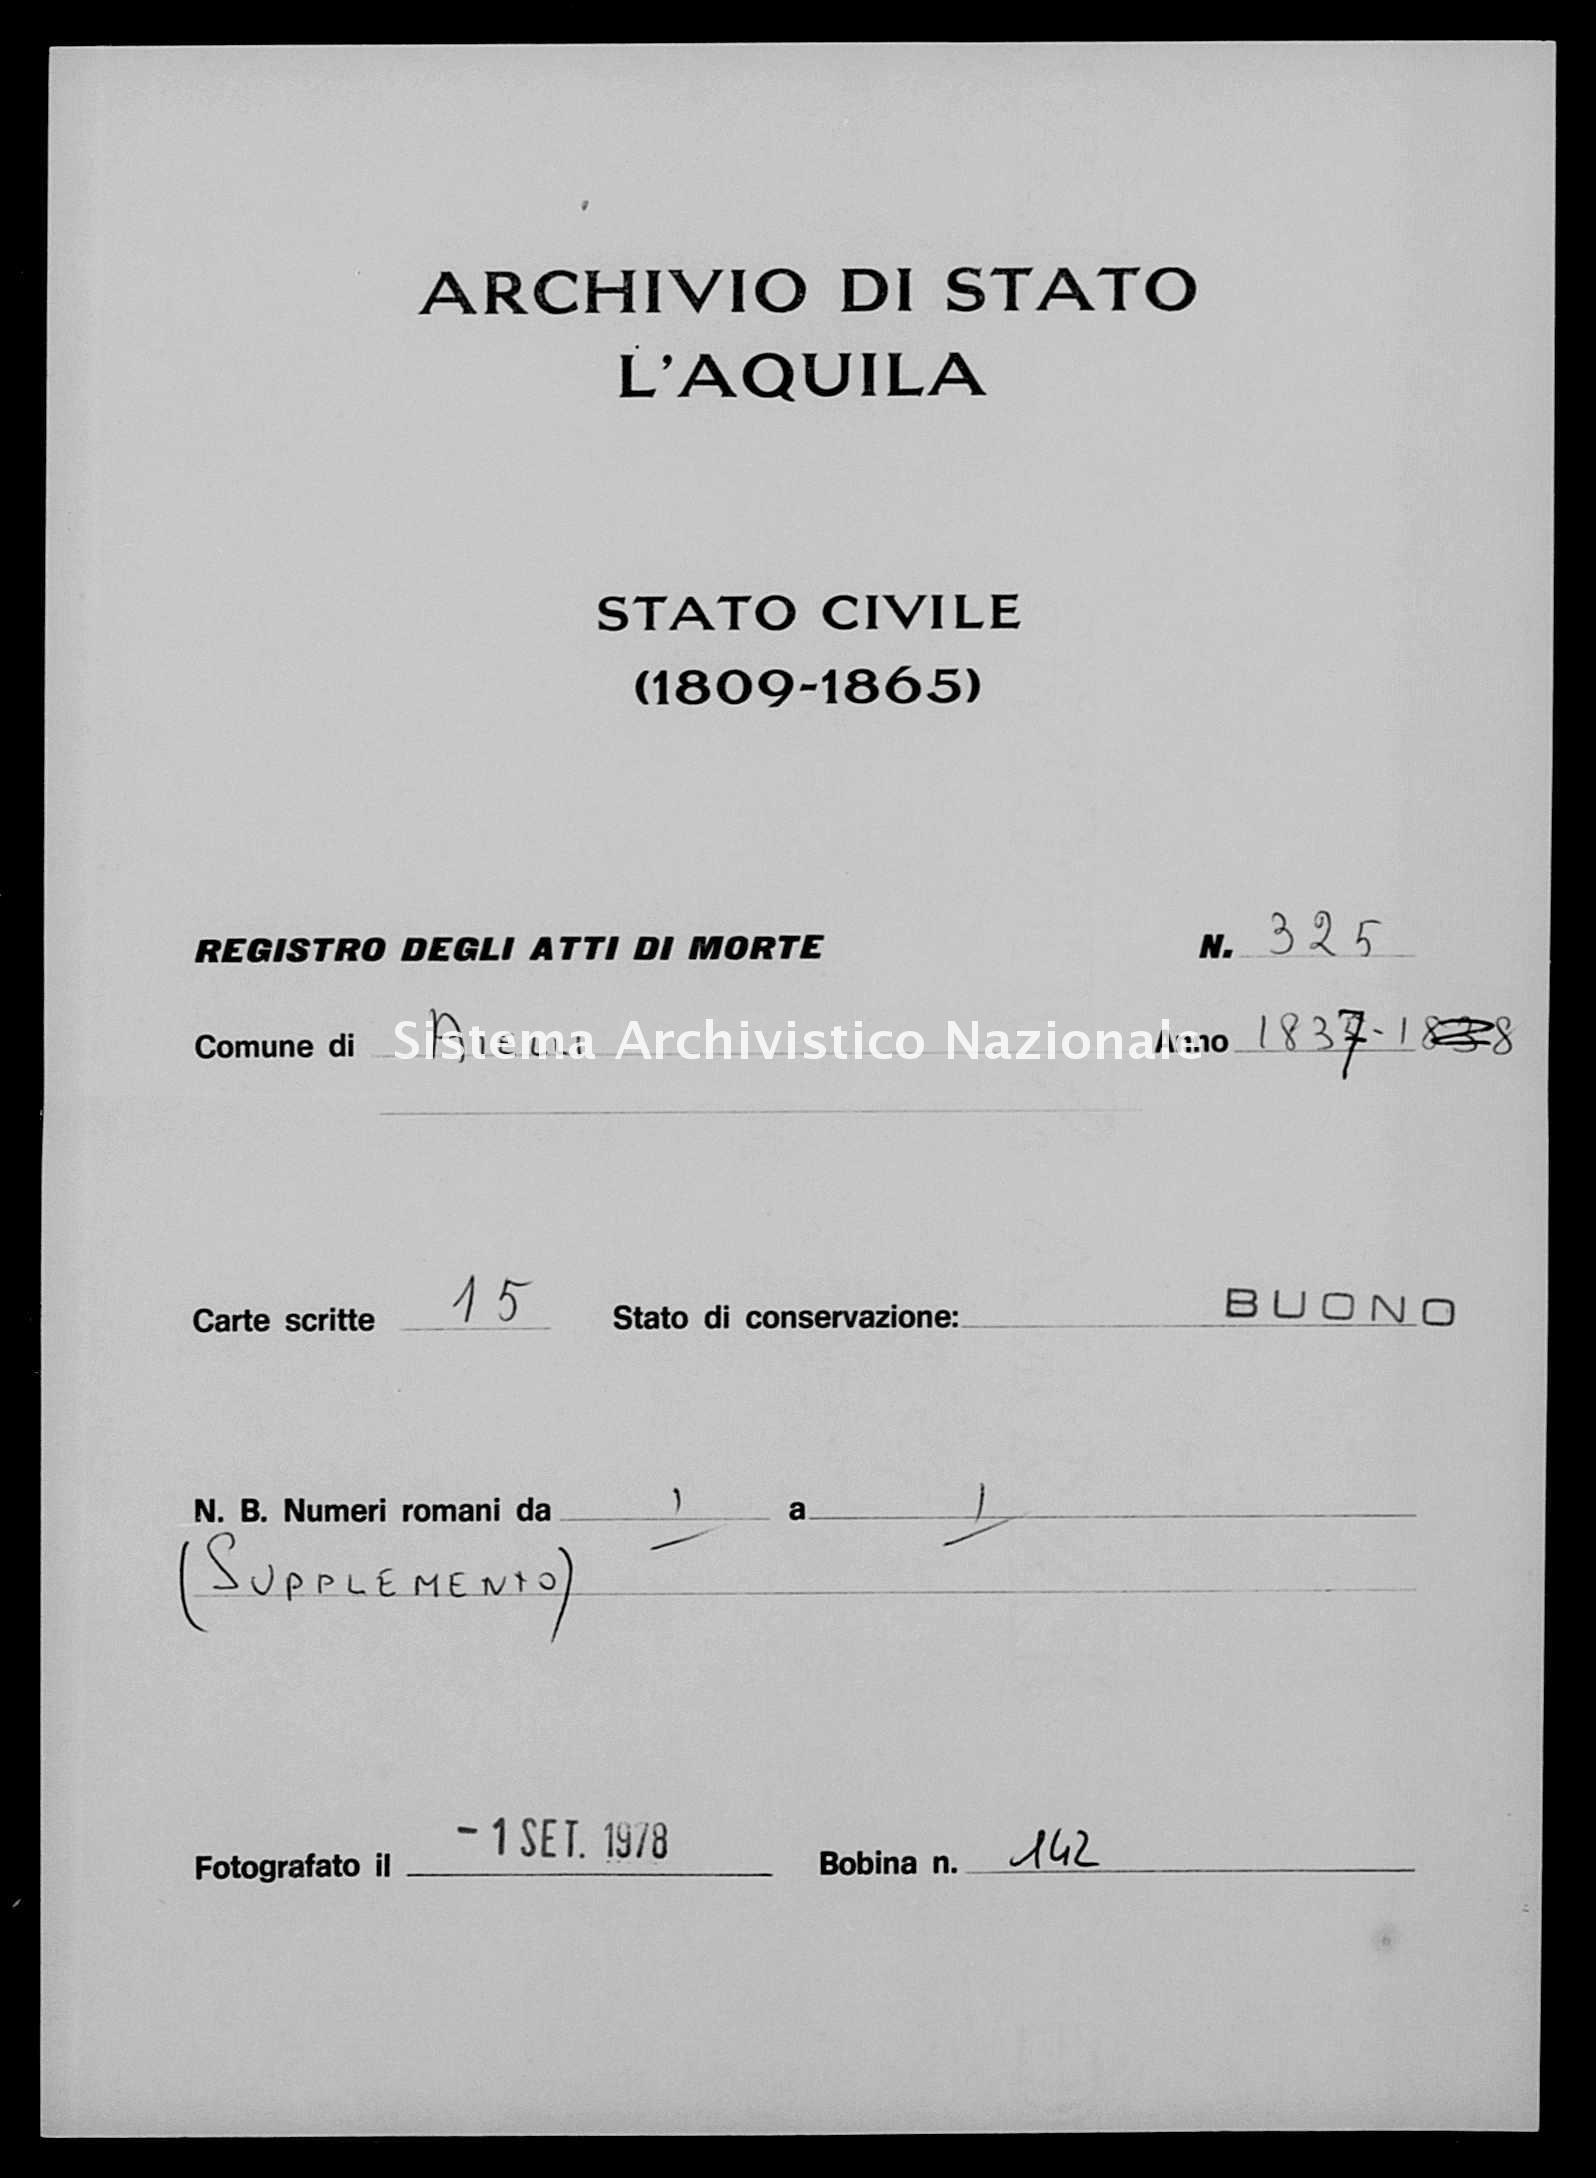 Archivio di stato di L'aquila - Stato civile della restaurazione - Aielli - Morti - 1837 - 325 -